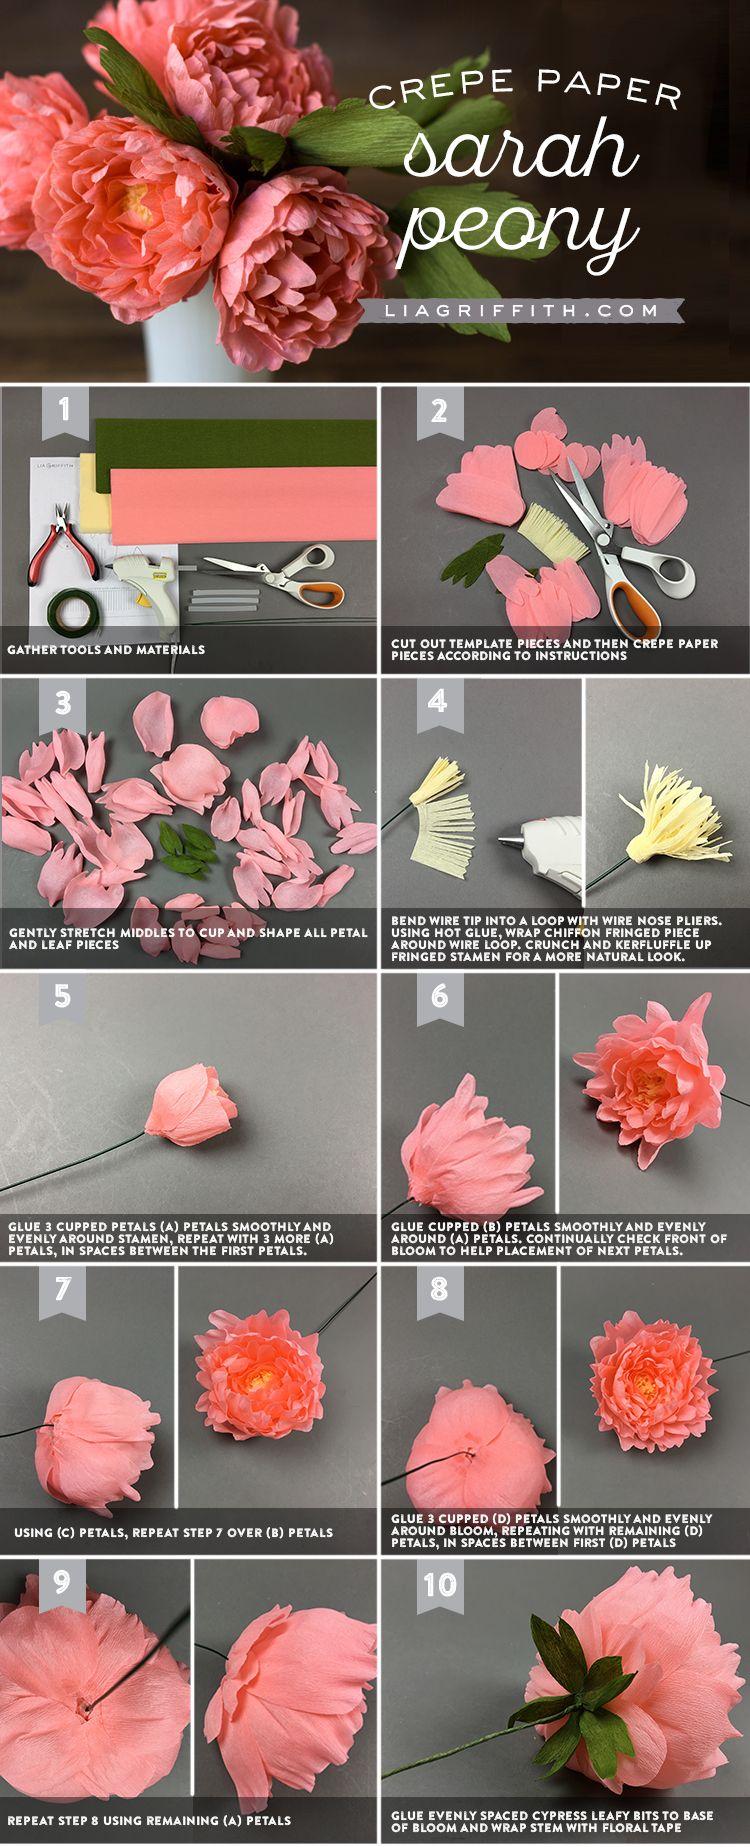 Crepe Paper Sarah Peonies  Flores de papel  Pinterest  Photo